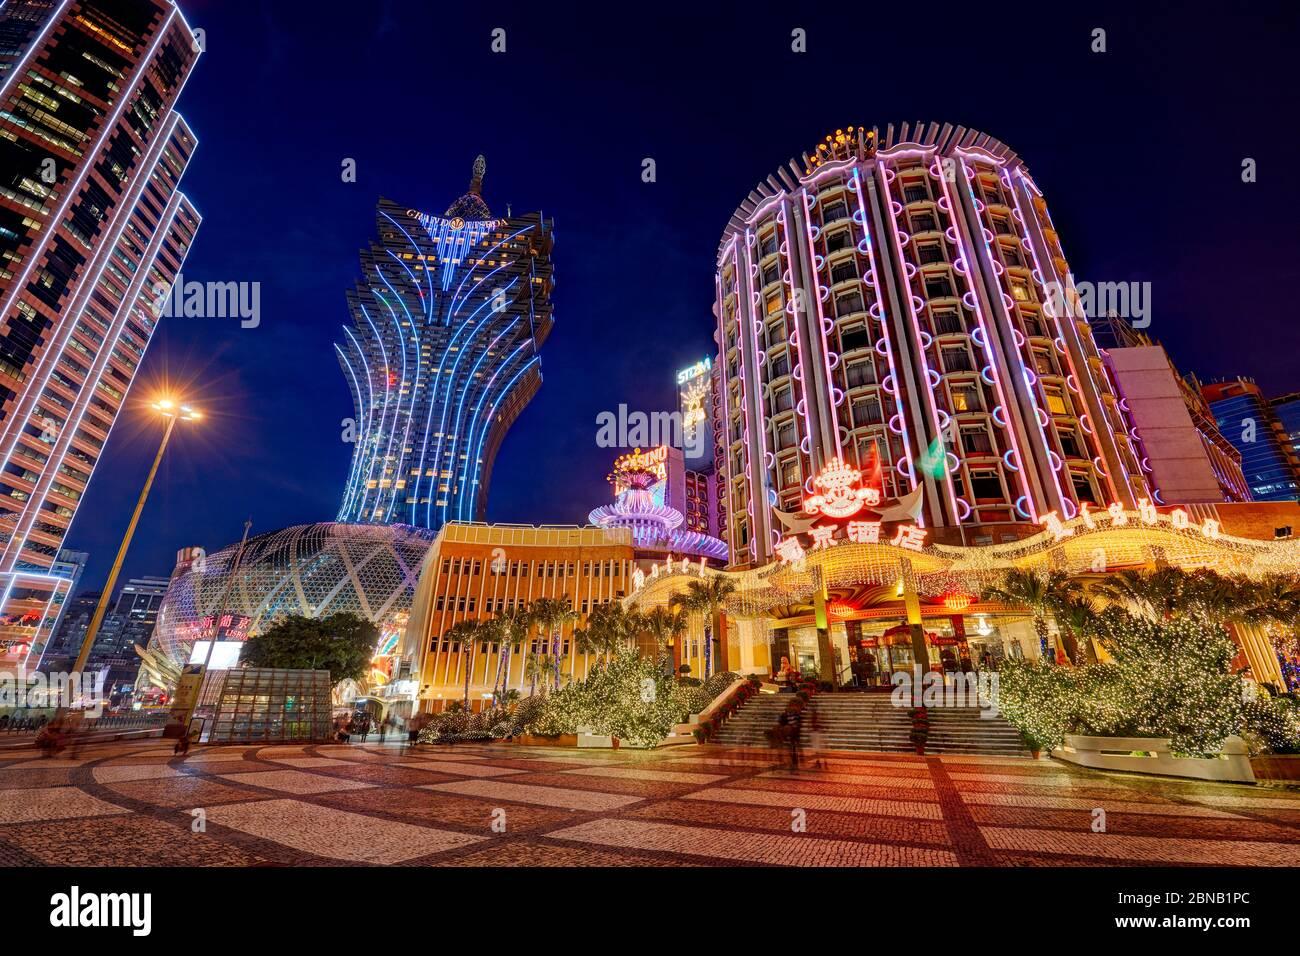 Hotel Lisboa e Grand Lisboa illuminati di notte. Macao, Cina. Foto Stock